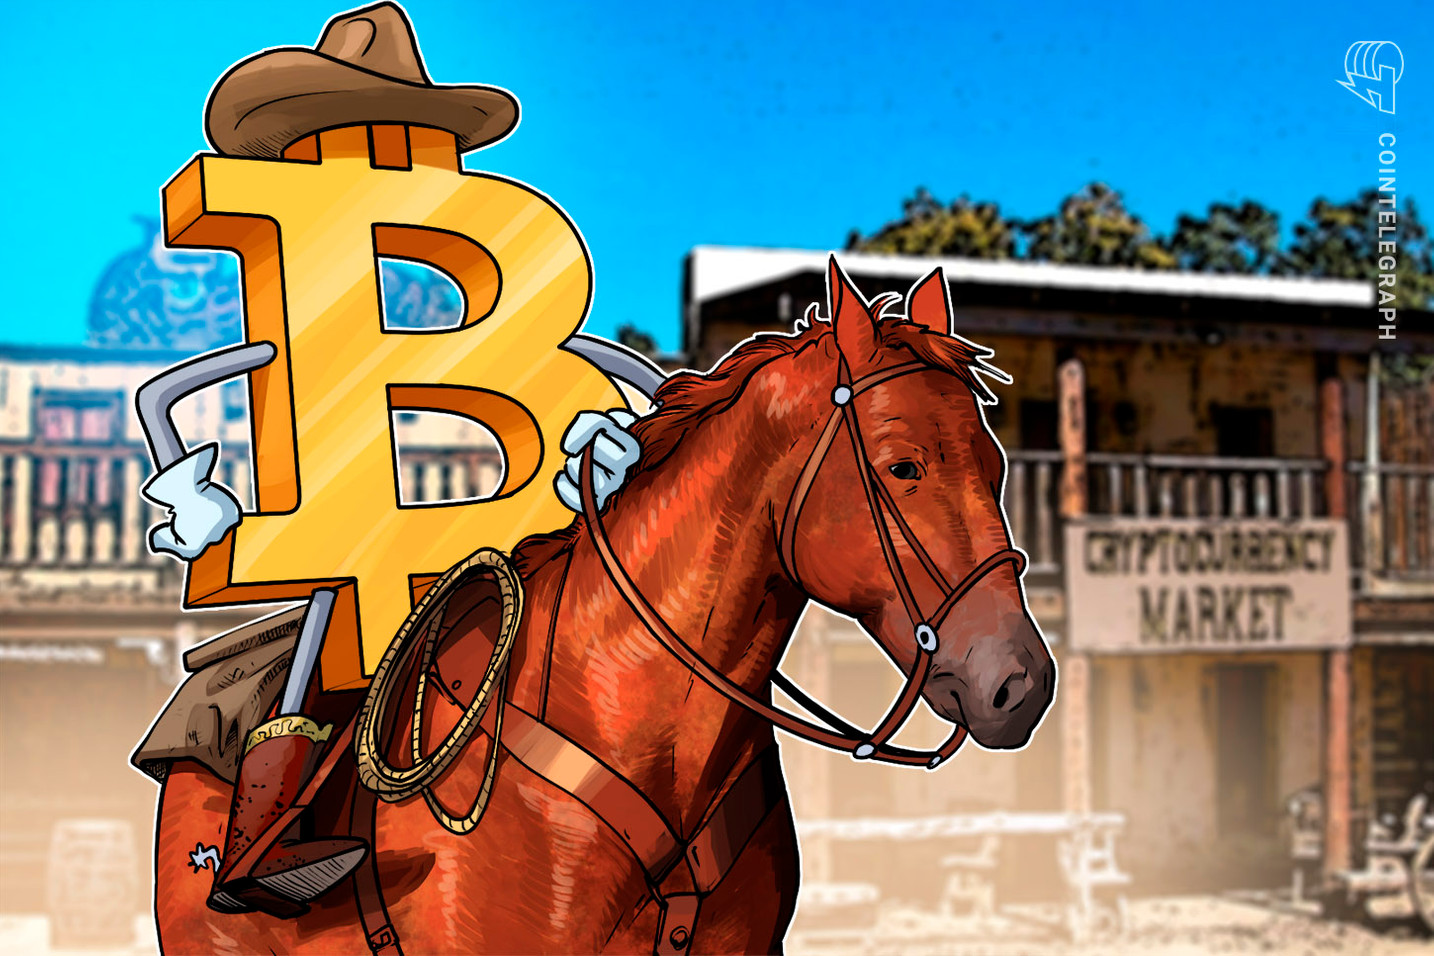 Gli USA dominano la distribuzione dell'hash rate globale di Bitcoin dopo il divieto in Cina